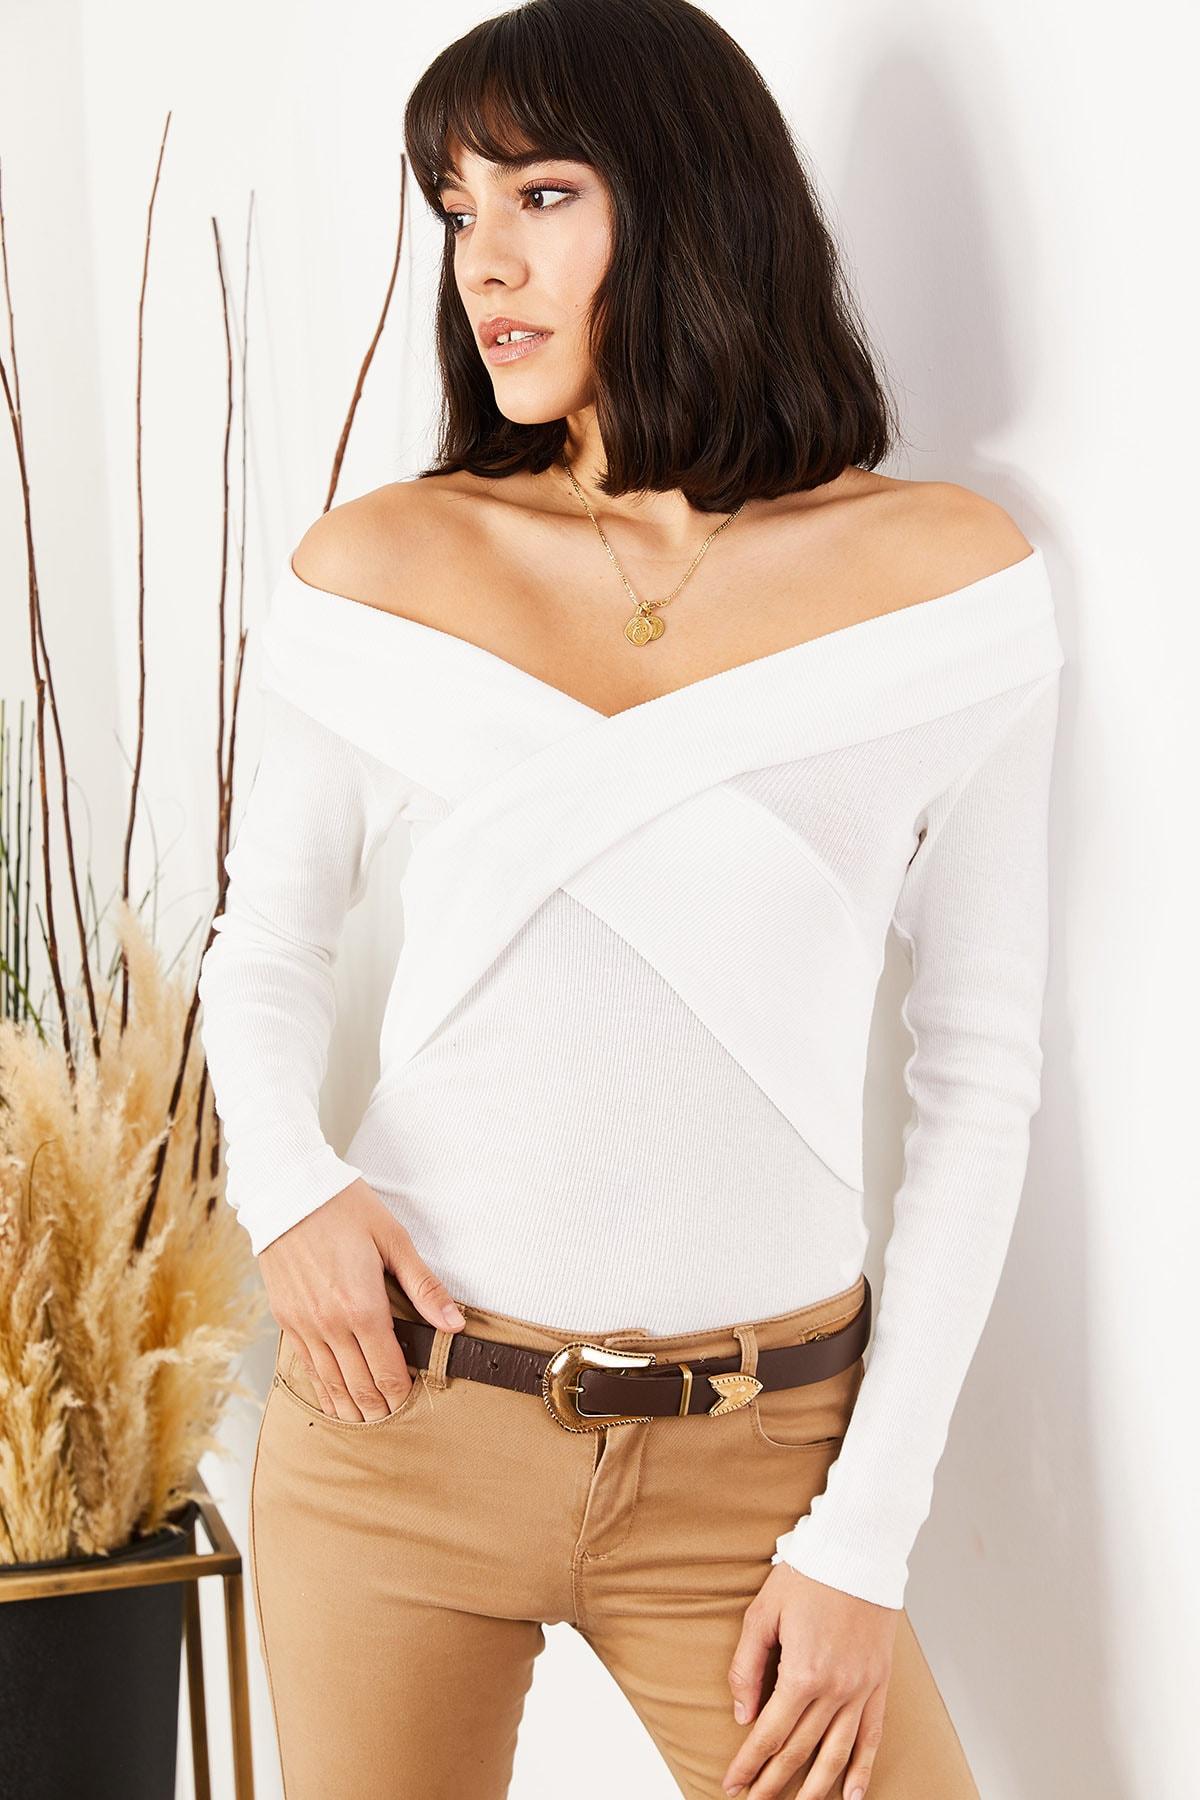 Olalook Kadın Beyaz Çapraz Detaylı Kaşkorse Bluz BLZ-19001271 1